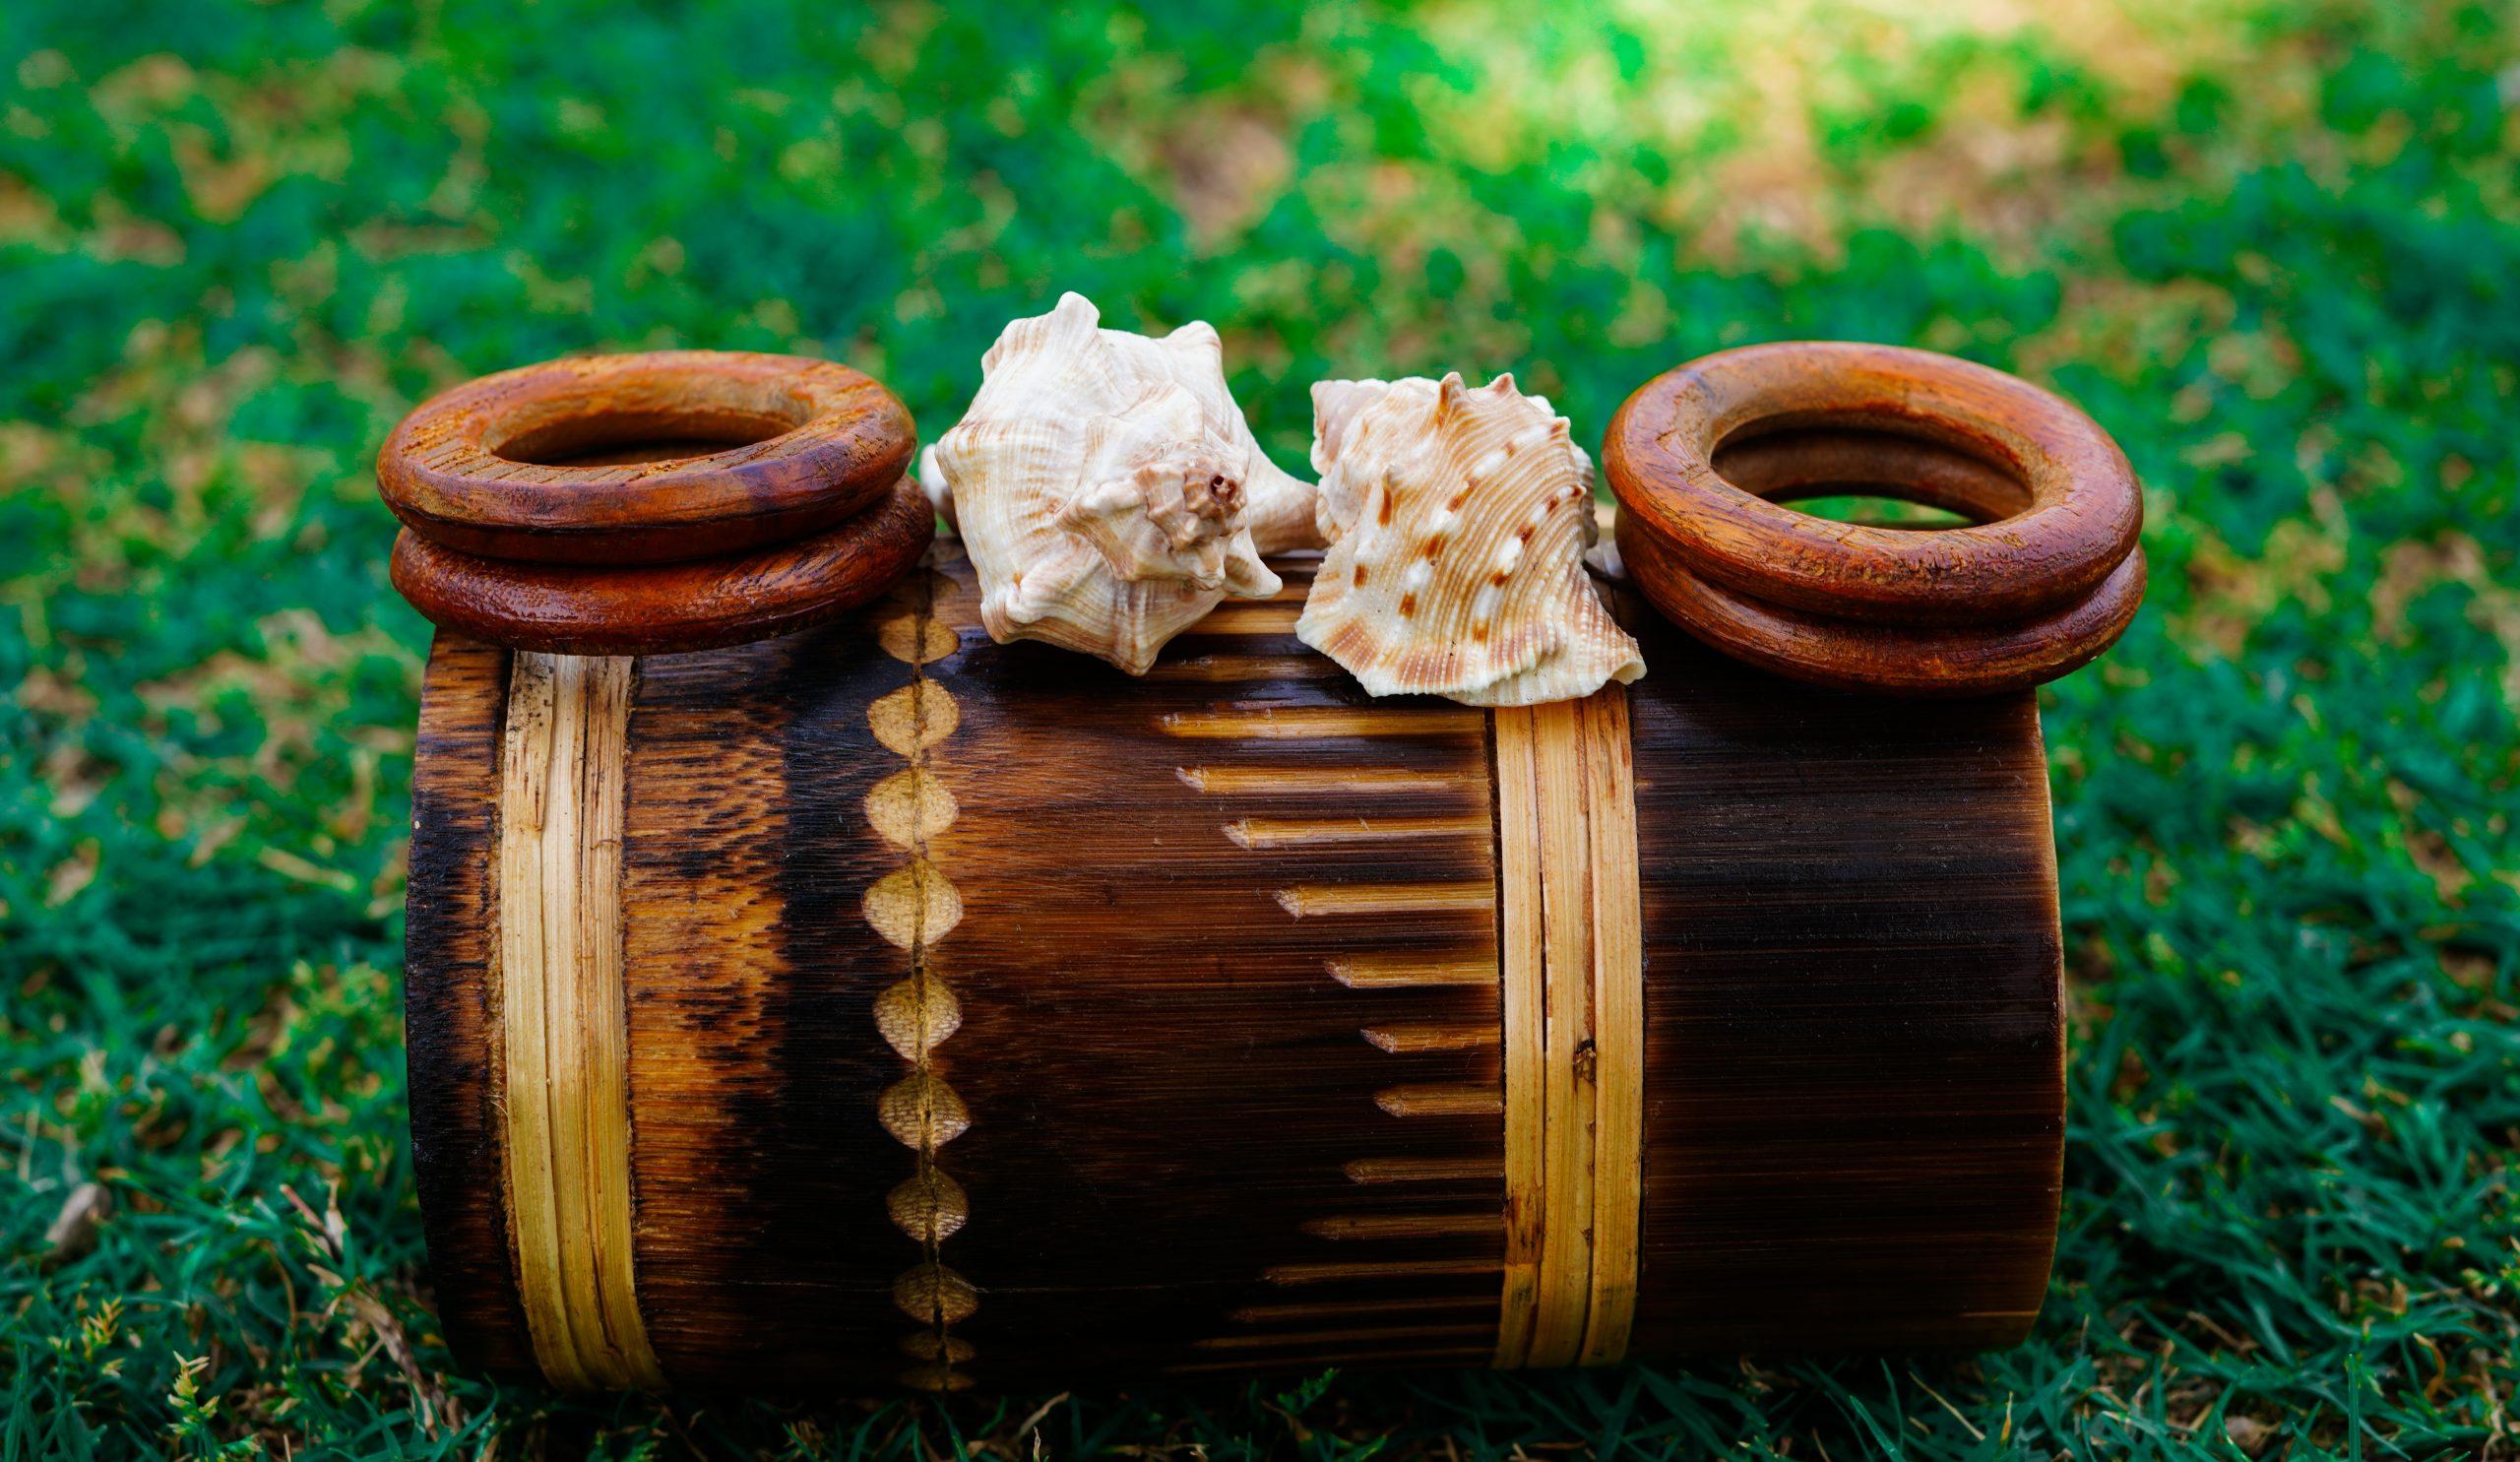 Sea Shells on wooden mug